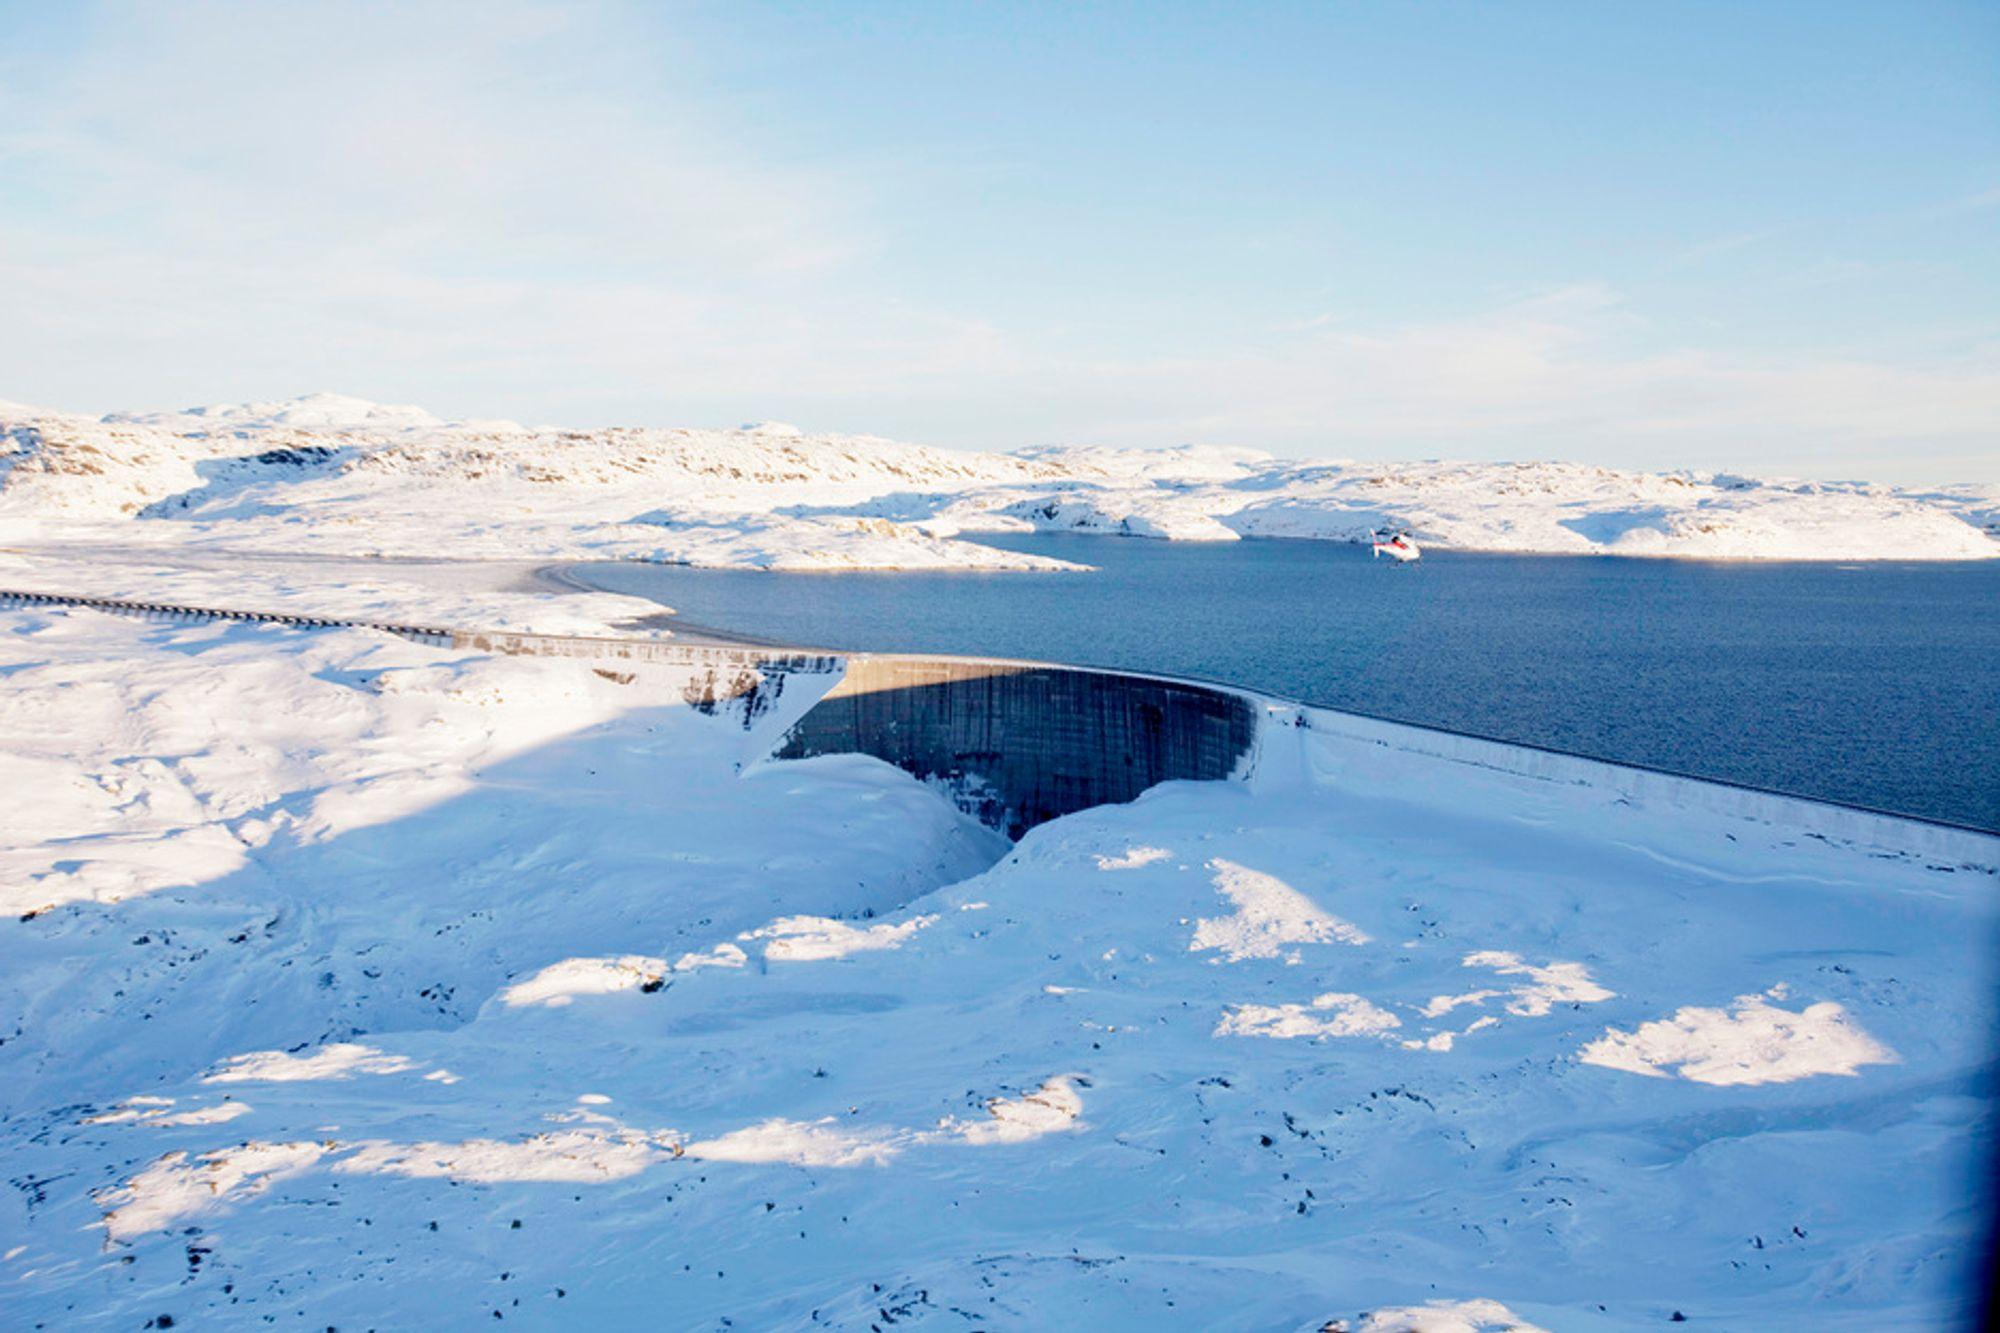 KRAFTANLEGG: Blåsjø energimagasin tilhører Ulla-Førre anlegget, som er Norges største kraftstasjon. Det har lenge vært politisk enighet om at tiden for nye store vannkraftprosjekter er forbi, men ny teknologiutvikling gjør at flere tar til orde for at dette bør sees på på nytt.